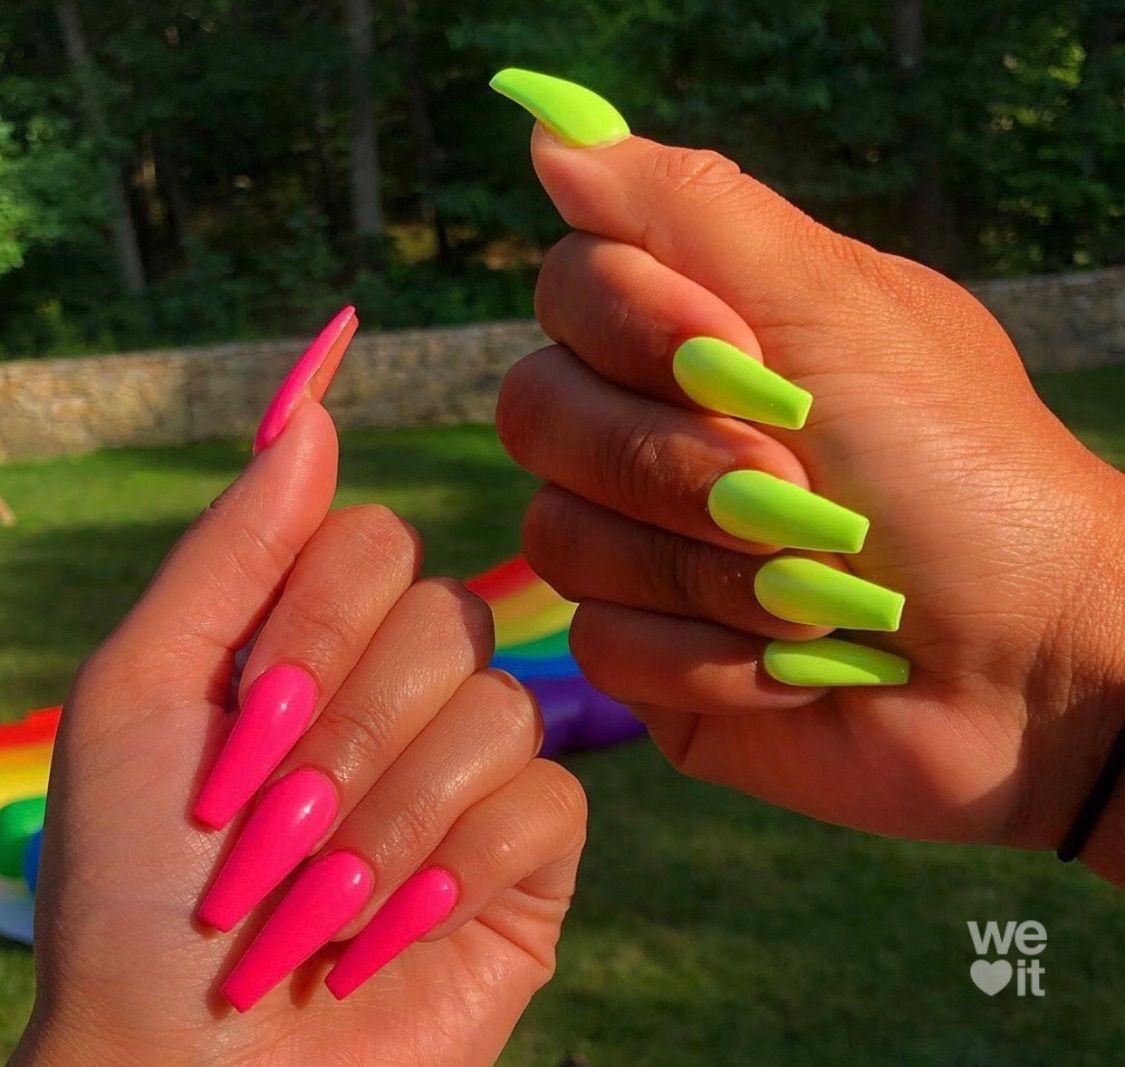 Imagen Descubierto Por Aesthetic Descubre Y Guarda Tus Propias Imagenes Y Videos En We Heart It In 2020 Green Acrylic Nails Aycrlic Nails Pink Acrylic Nails